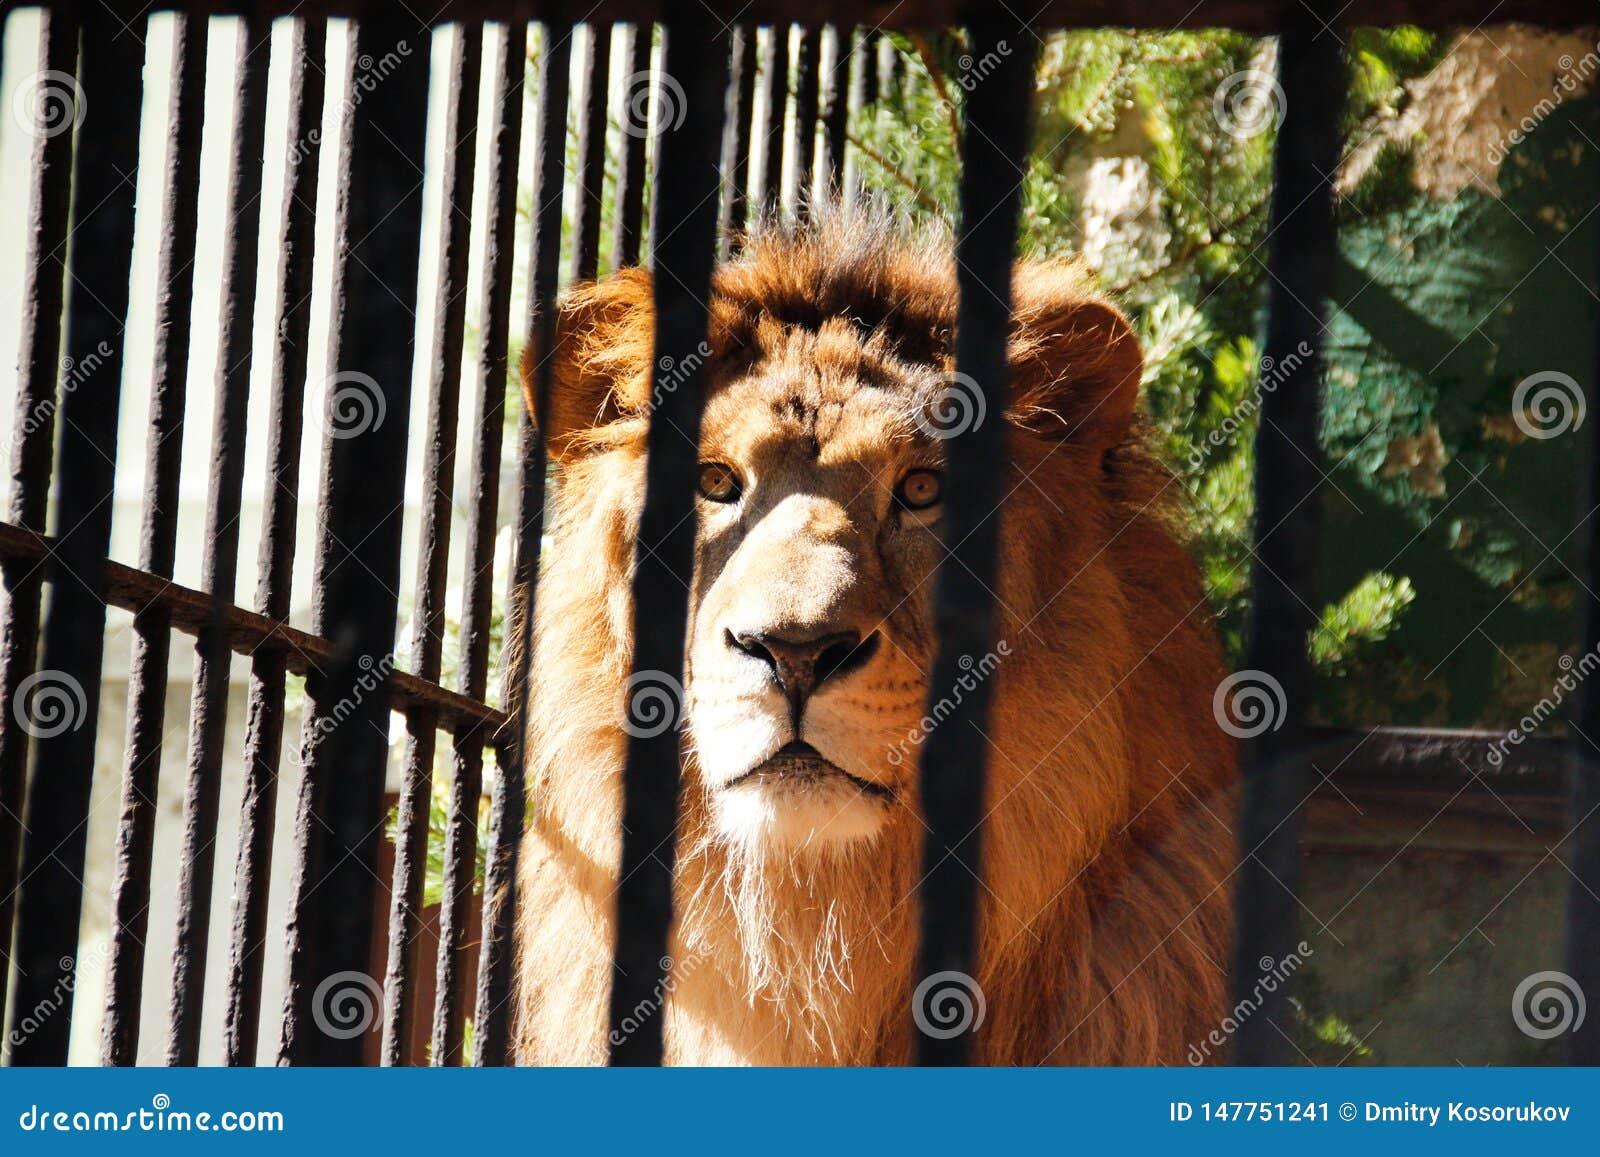 Lejon bak stänger i zoo